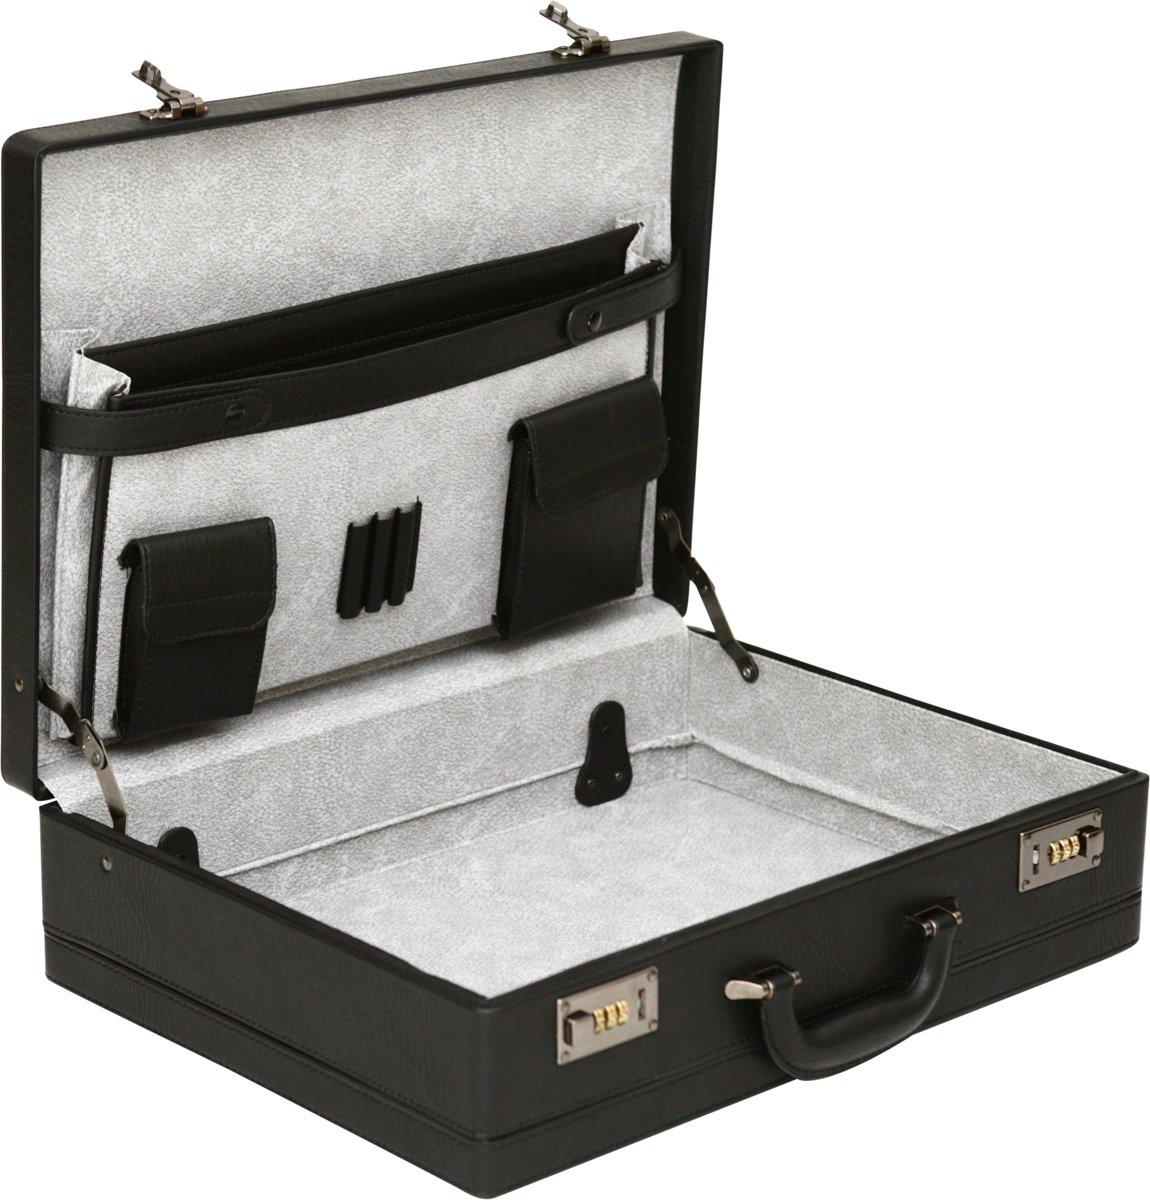 Tassia Grote Attachékoffer - 35.6 x 48.2 x 13.5 cm - Zwart - (509) kopen